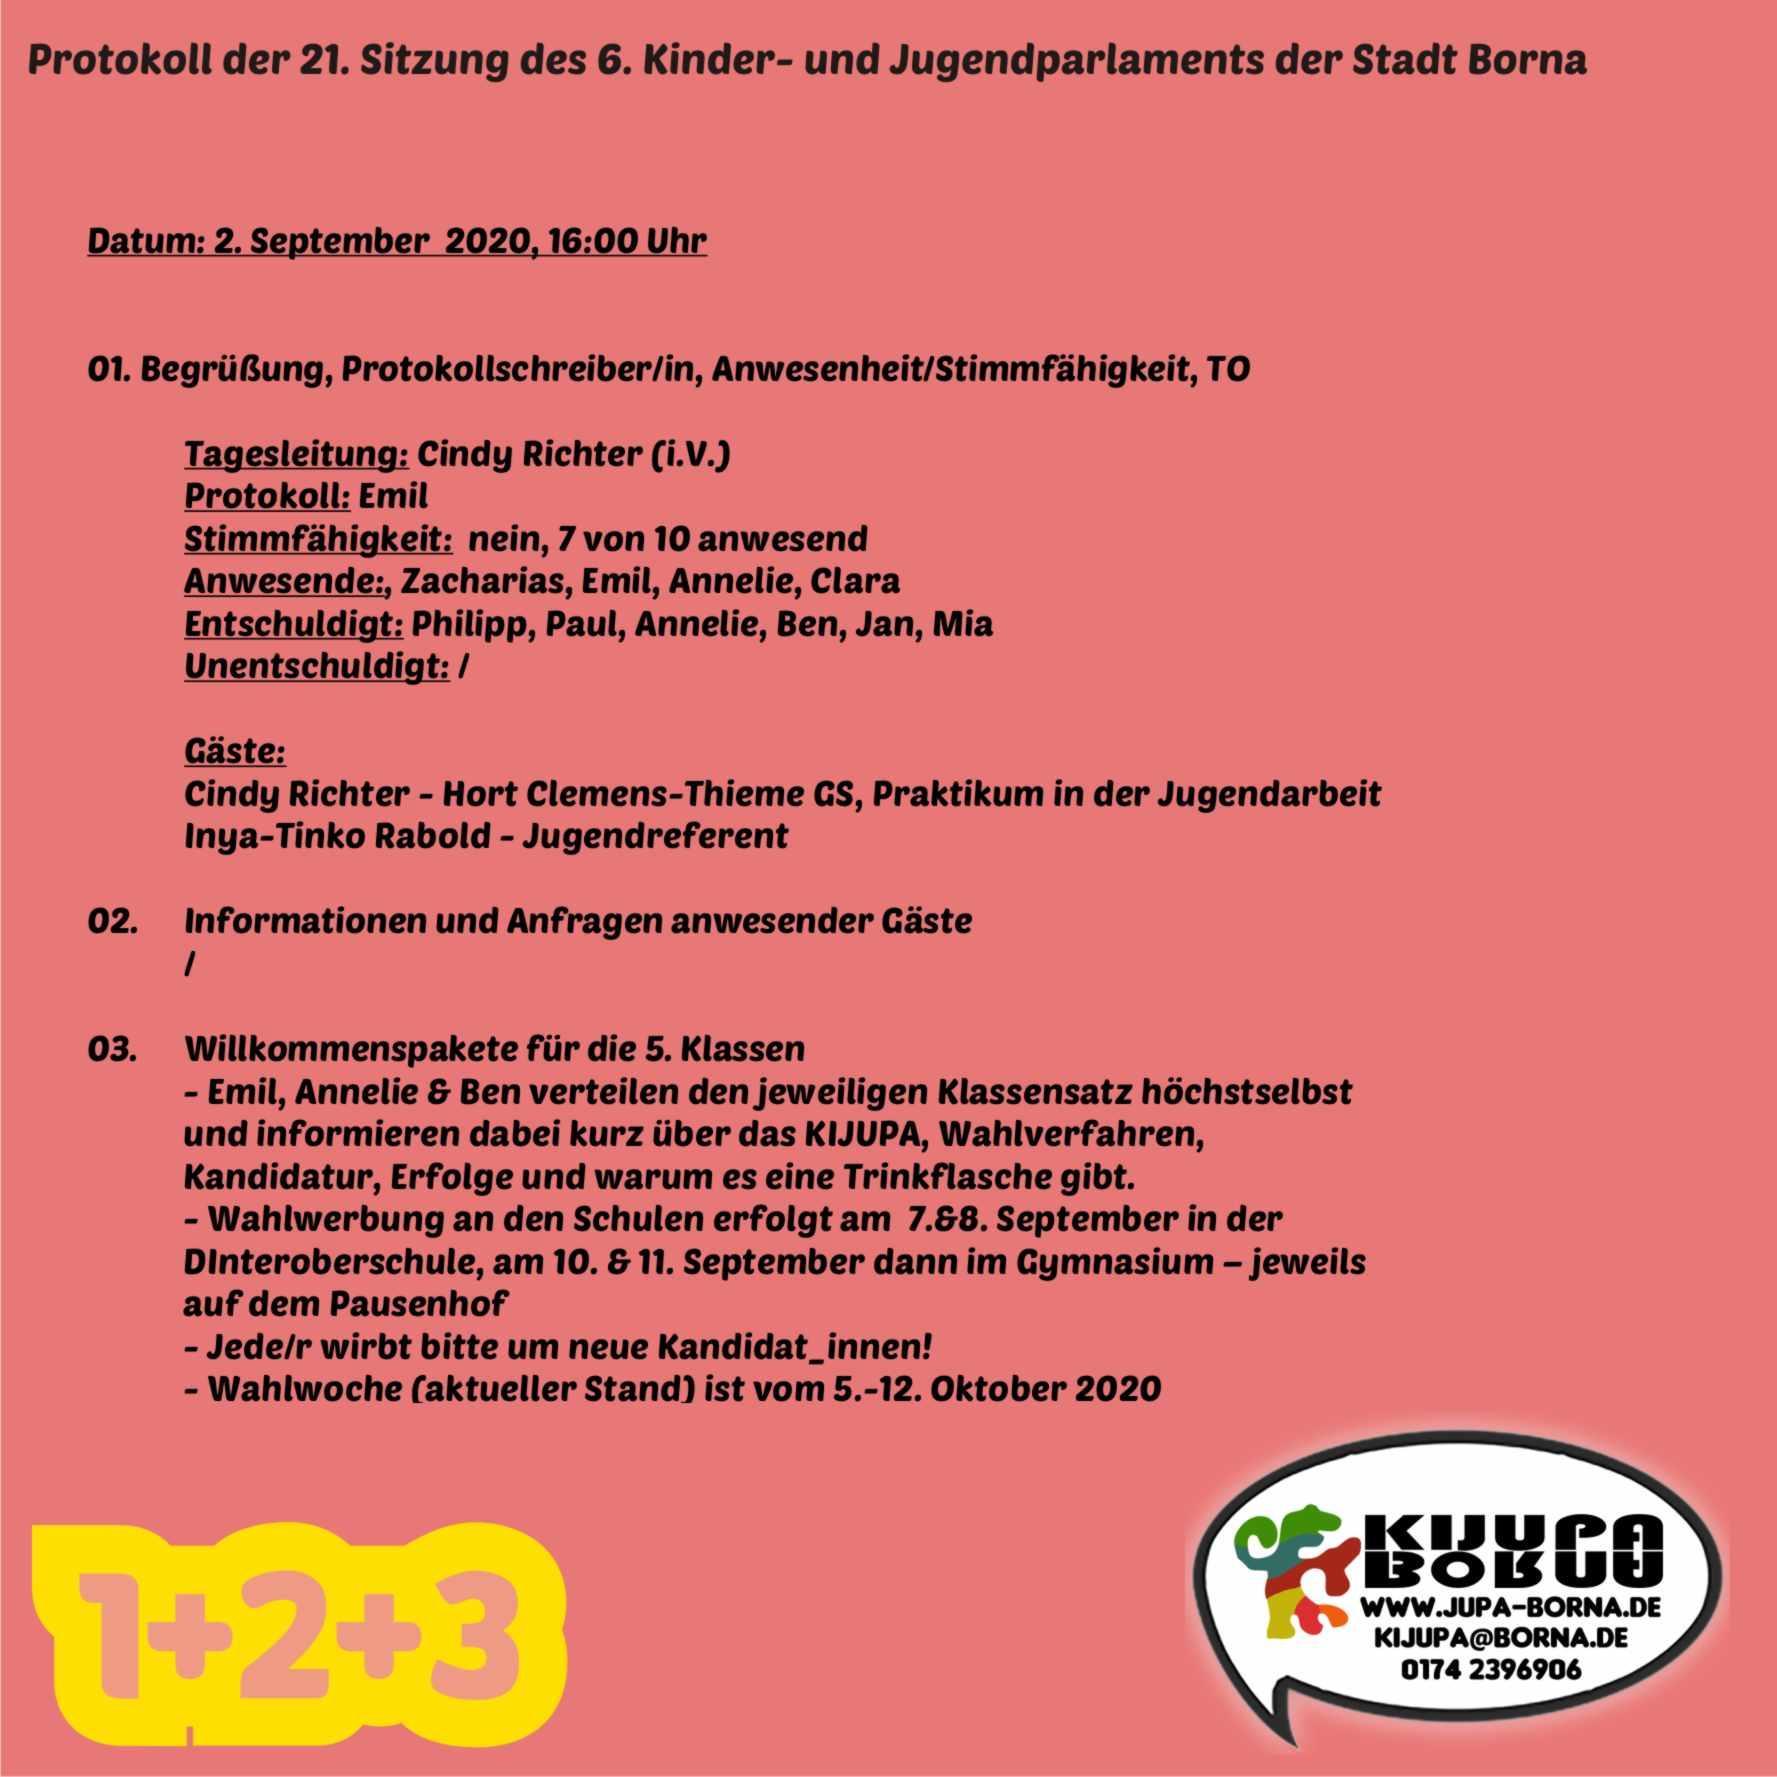 Protokoll_2020_09_02_1-3